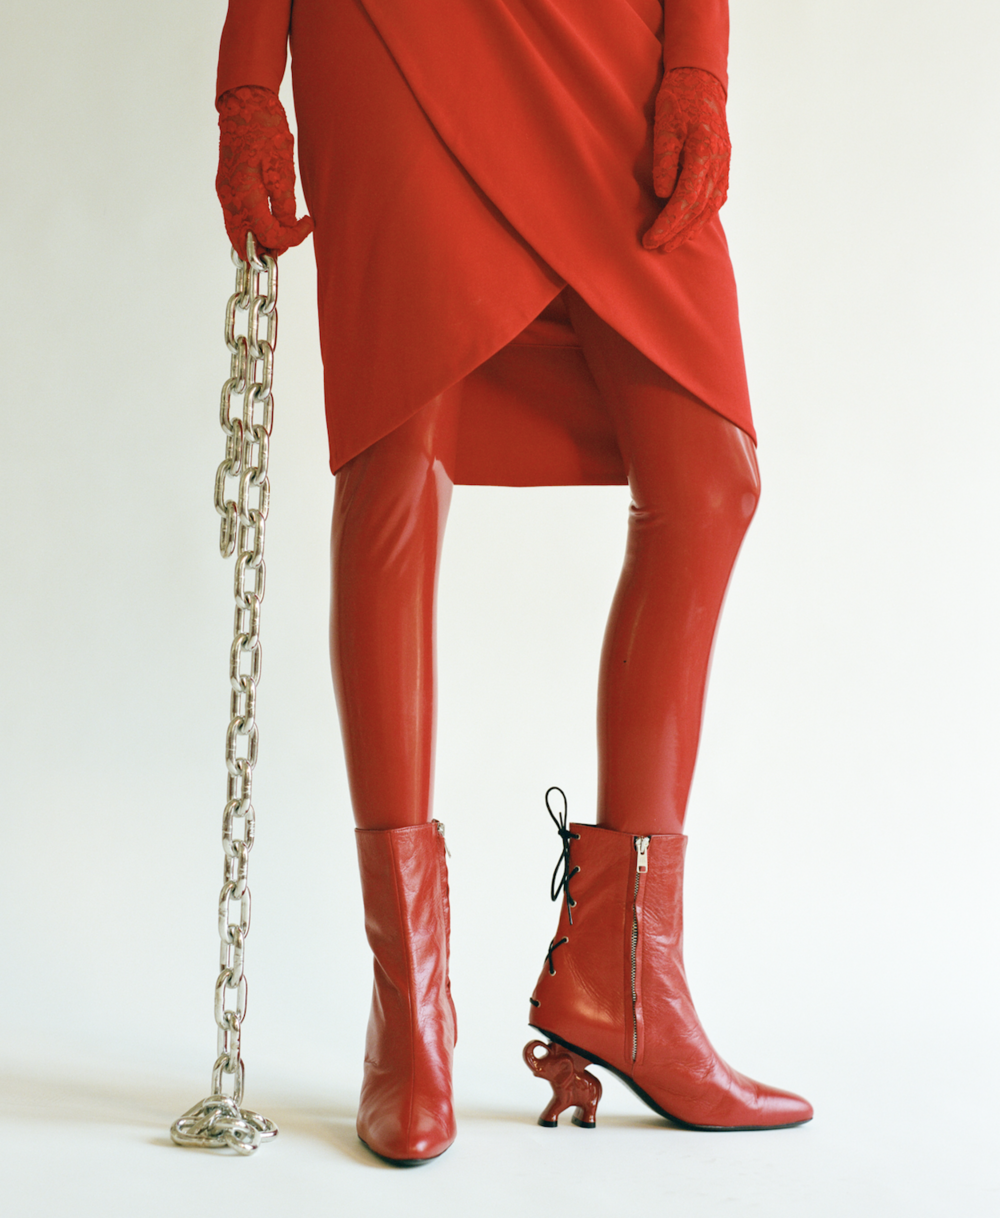 Vestido de  GIVENCHY, pendientes de theQ, zapatos de  DORATEYMUR  y medias de  VOX.